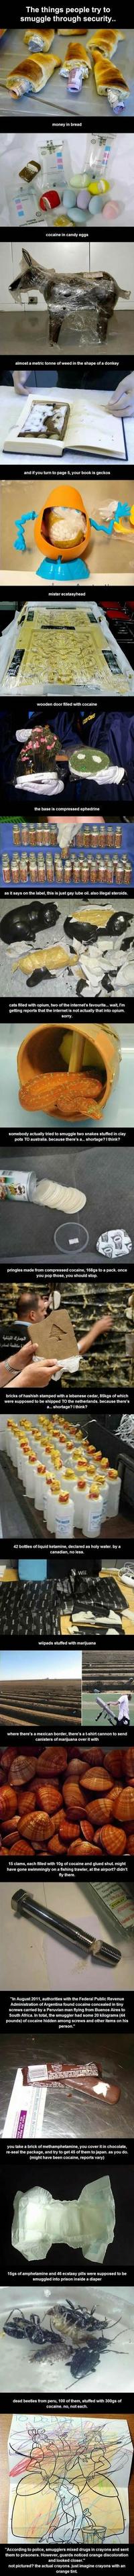 Les gens ne manquent pas d'imagination pour tromper les douaniers